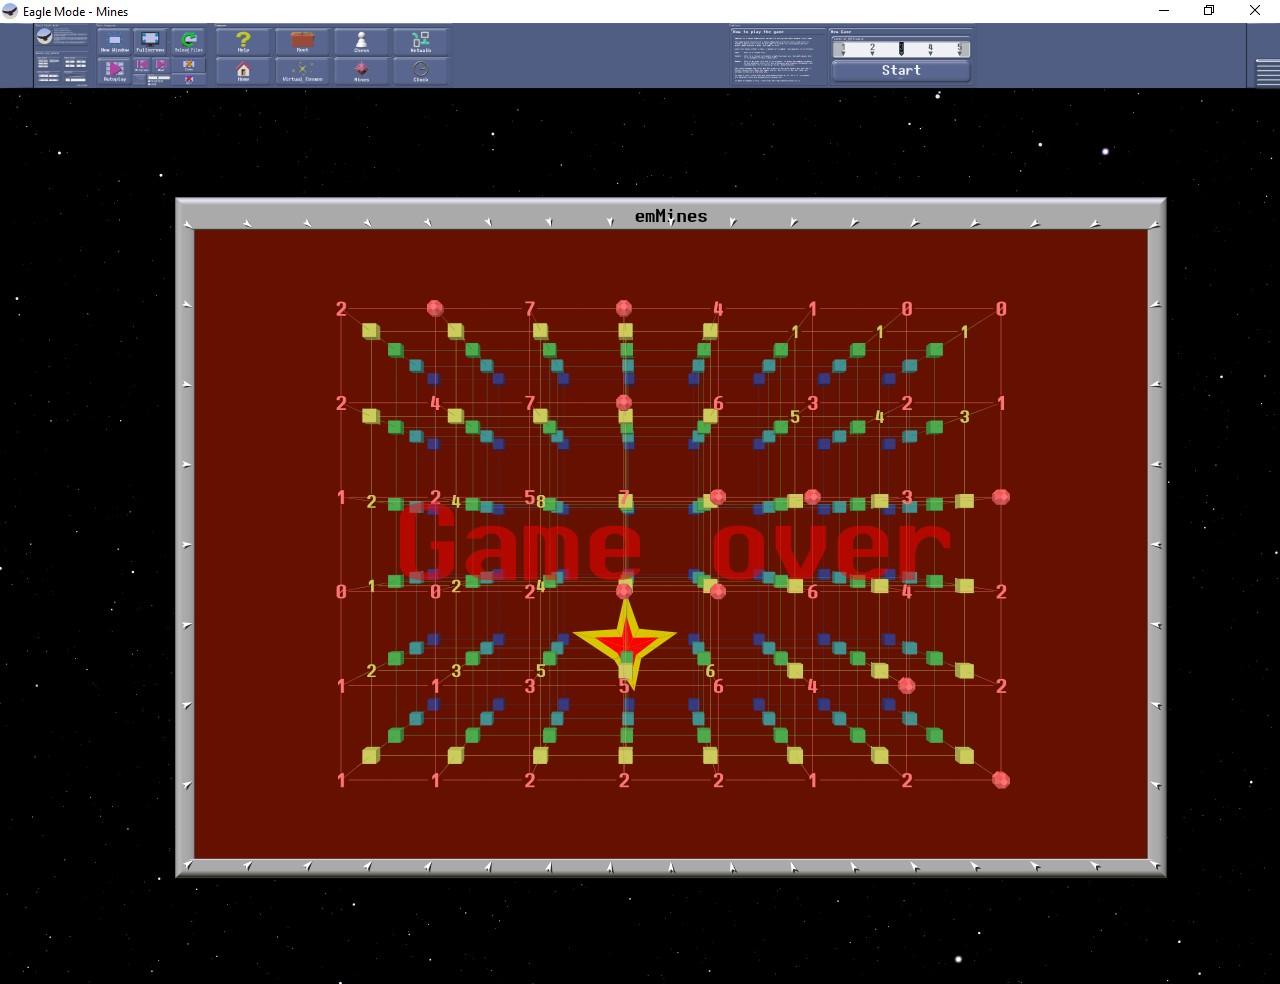 Figura 8: il campo minato in 3D